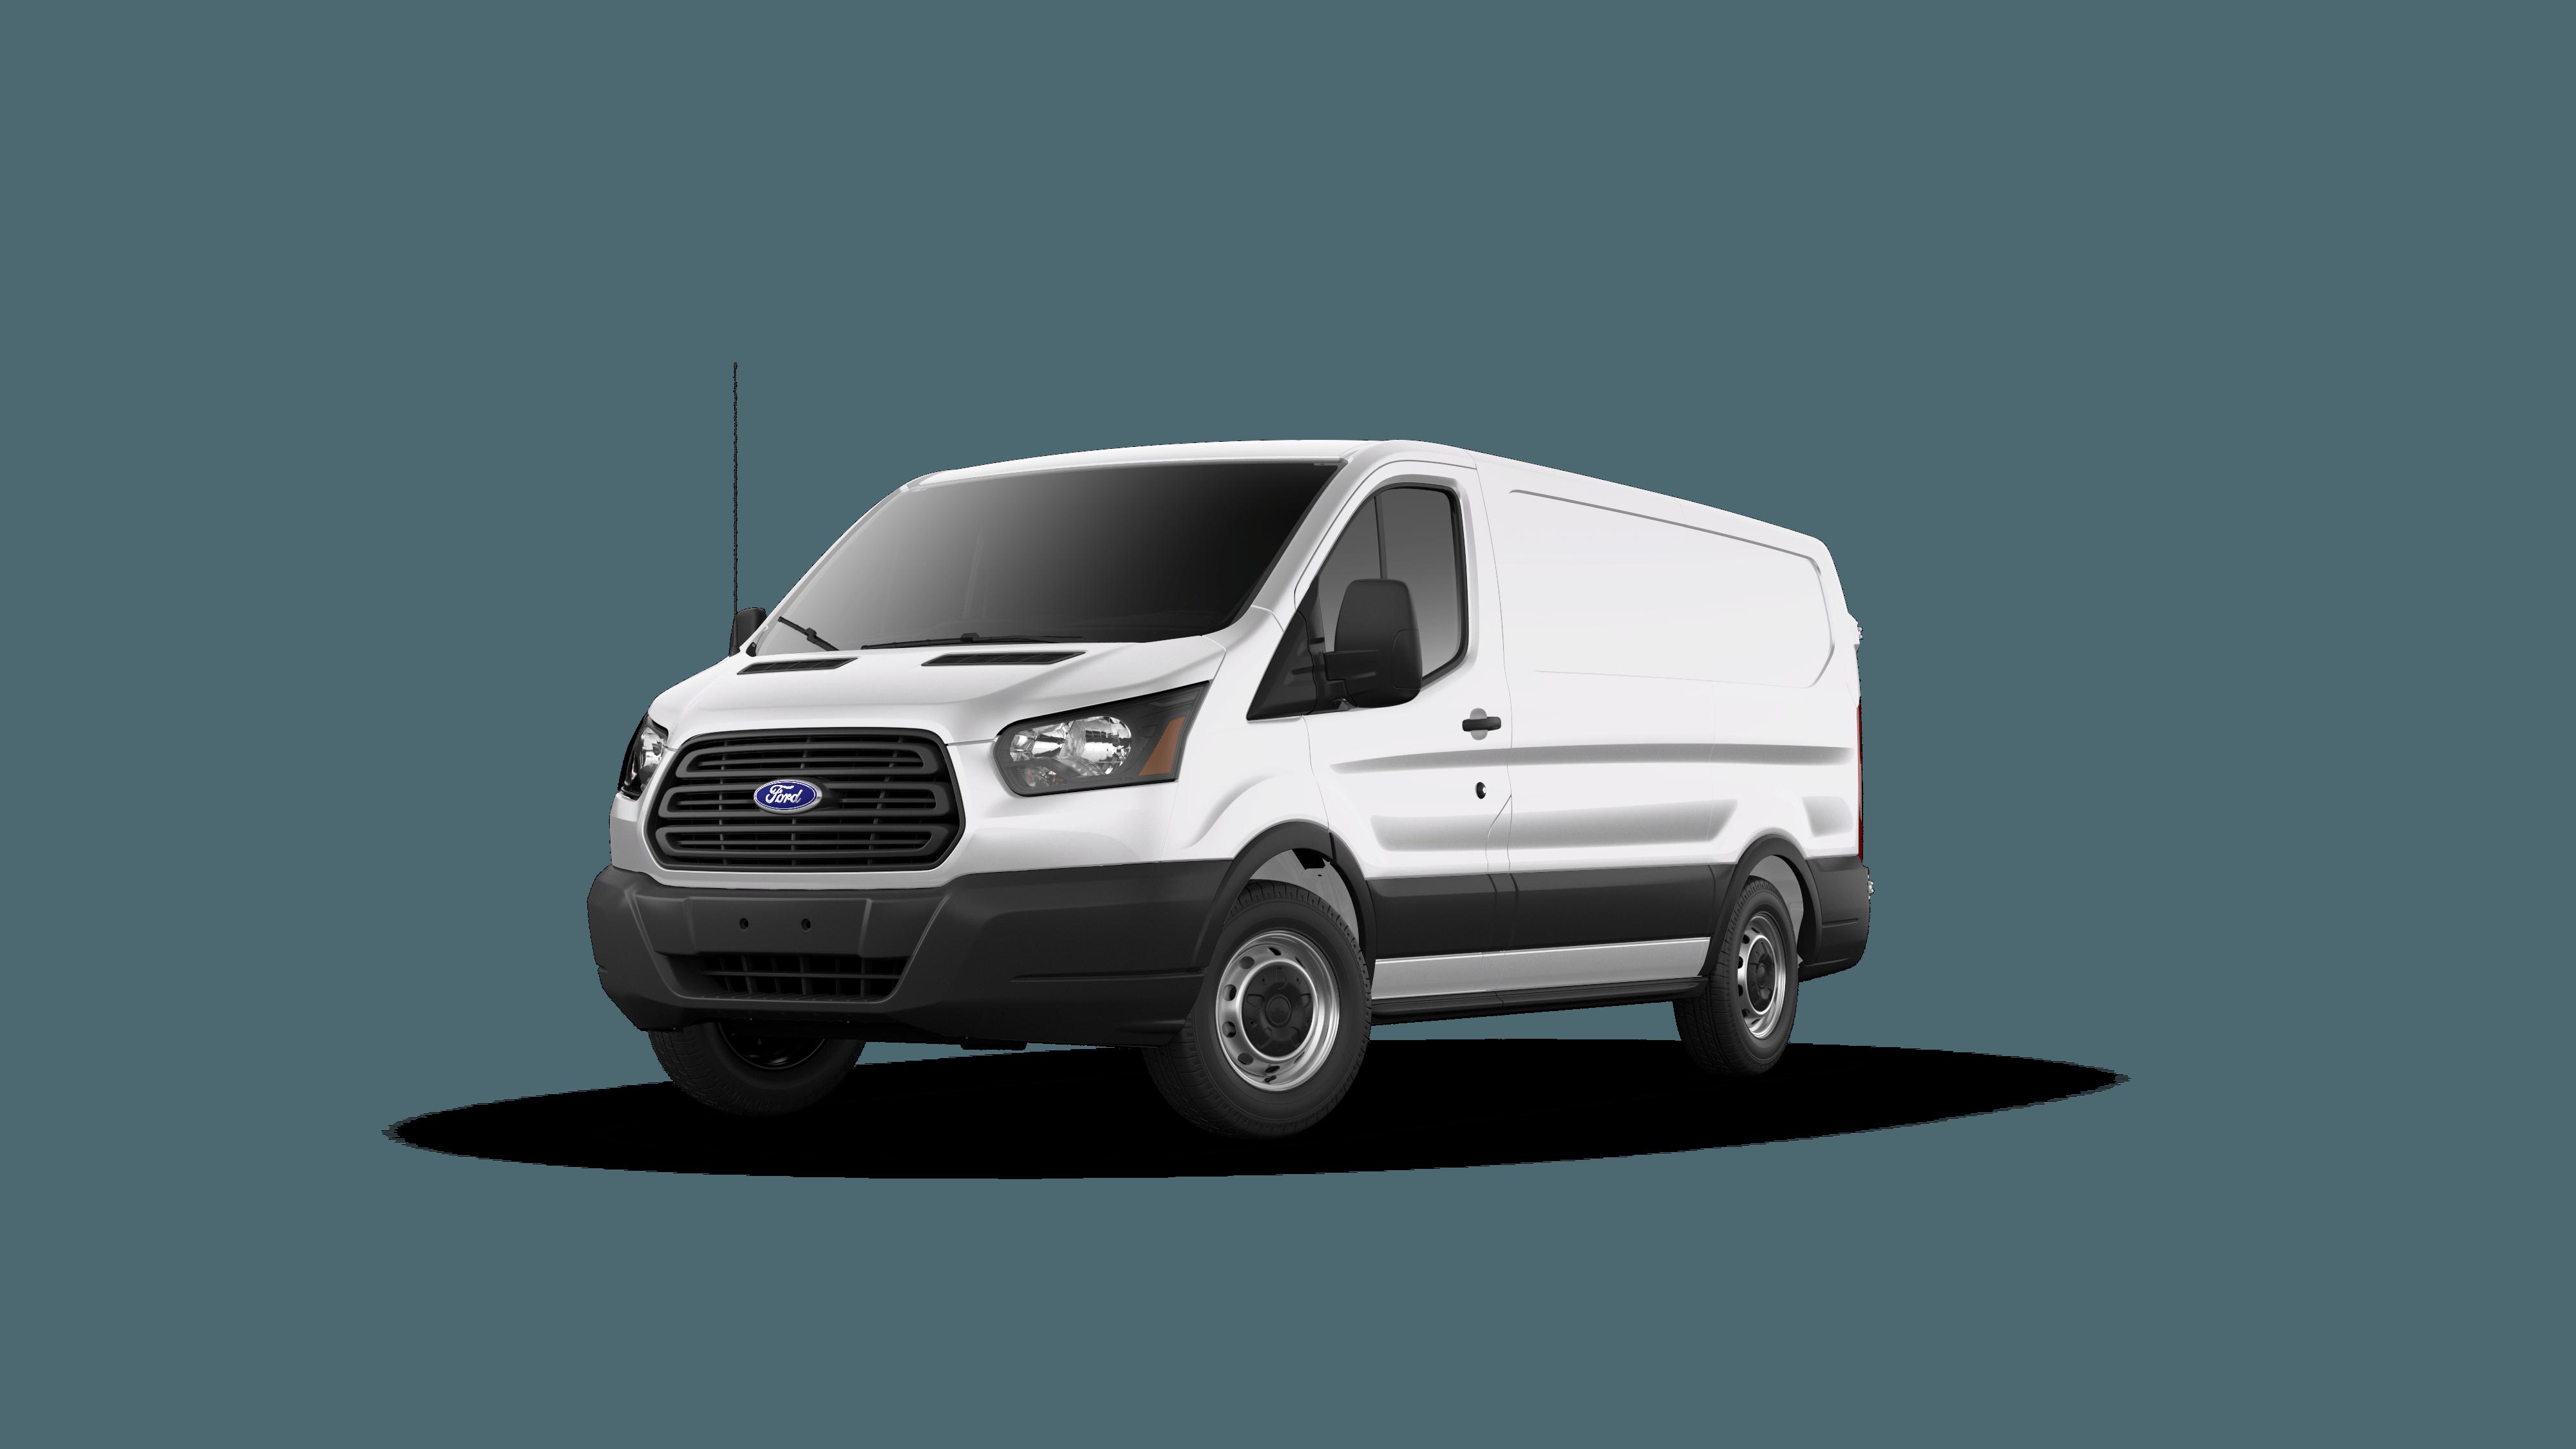 2019 Ford Transit Van Vehicle Photo in Souderton, PA 18964-1038